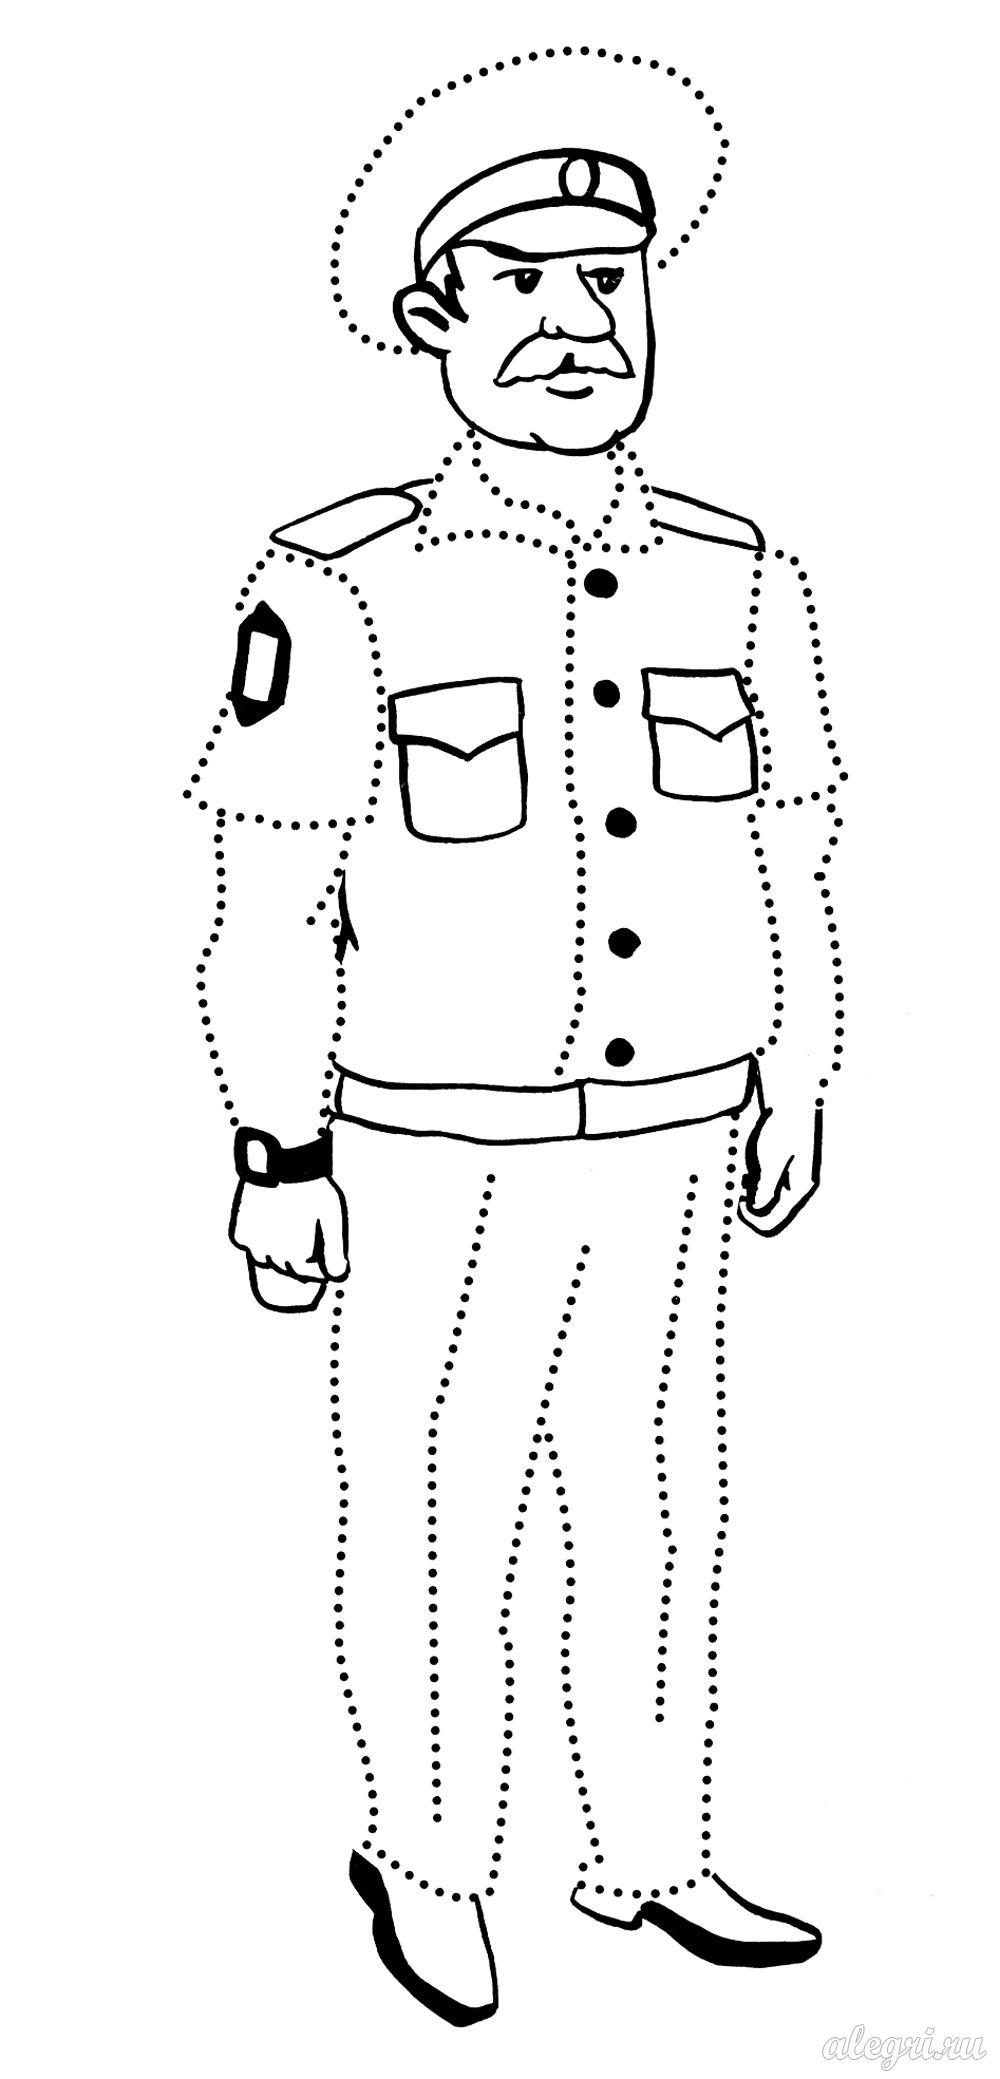 День полиции. Полиция защищает нашу жизнь. Служба.           Дядя Степа. Сотрудник полиции. День полиции. Охрана. Наша жизнь в безопасности. Полицейские. Праздник в полиции. Хороший праздник. Раскрась полицейского.